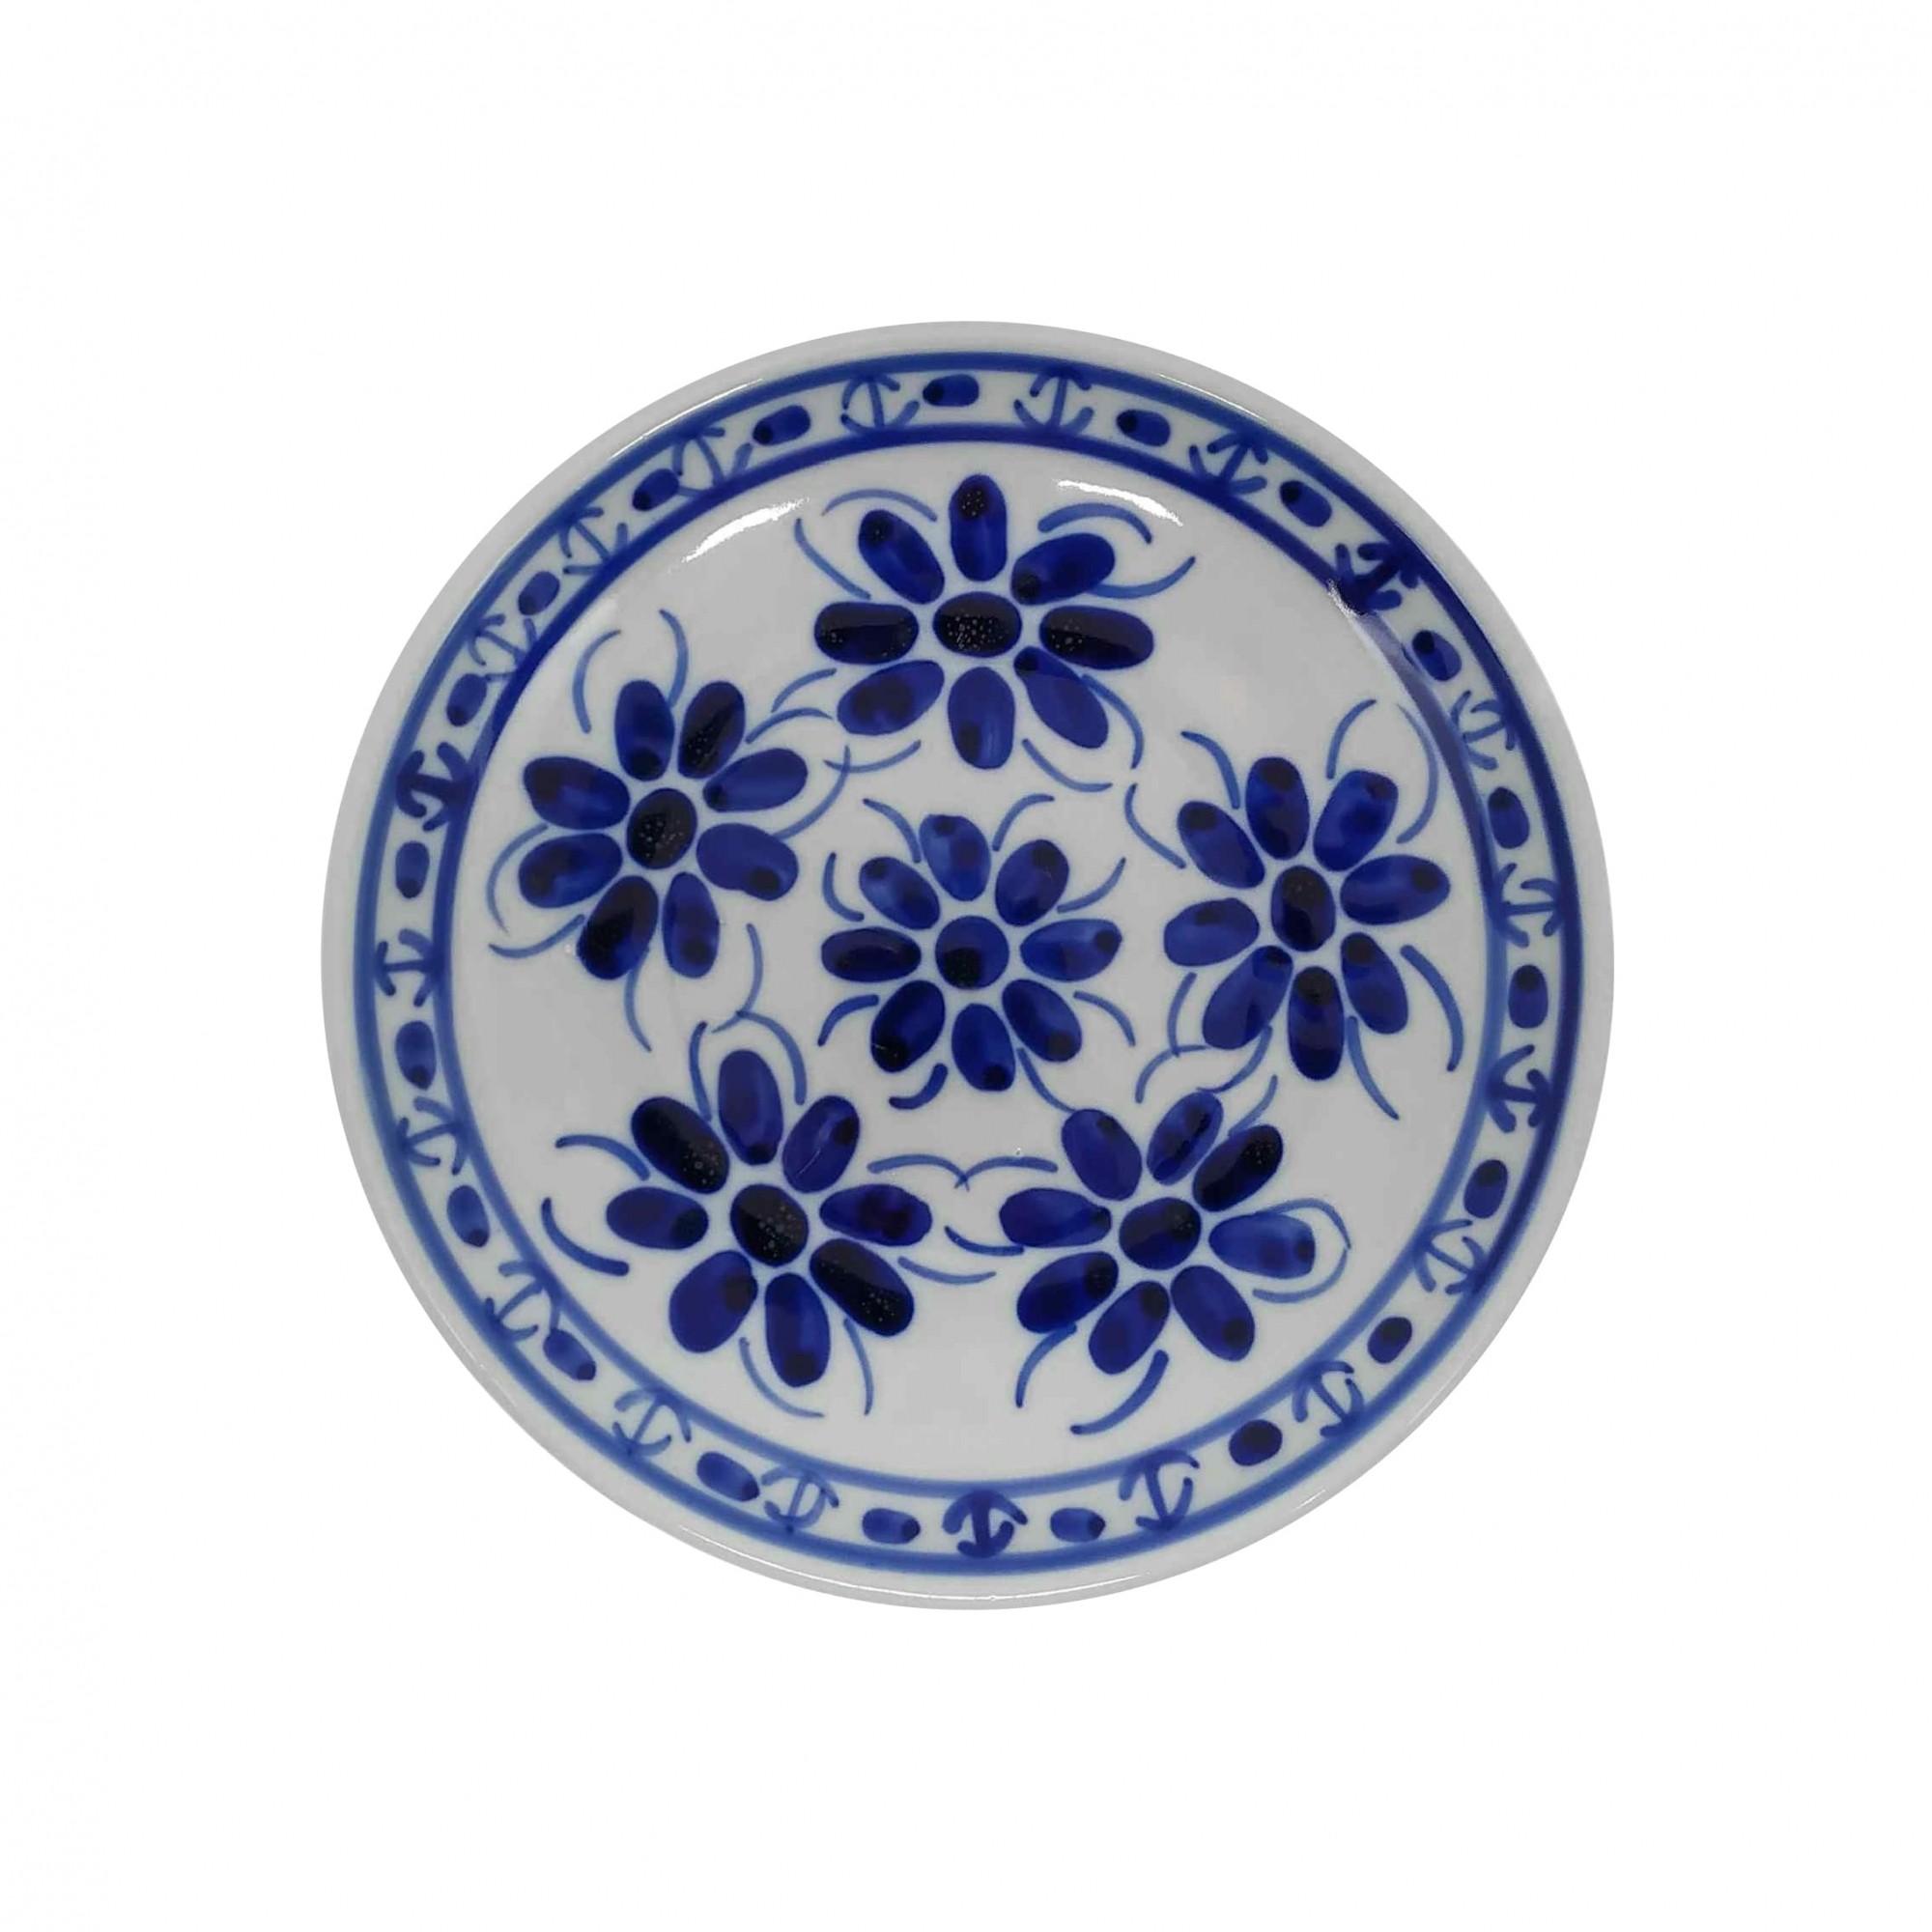 Prato de Sobremesa 18,5 cm em Porcelana Azul Colonial